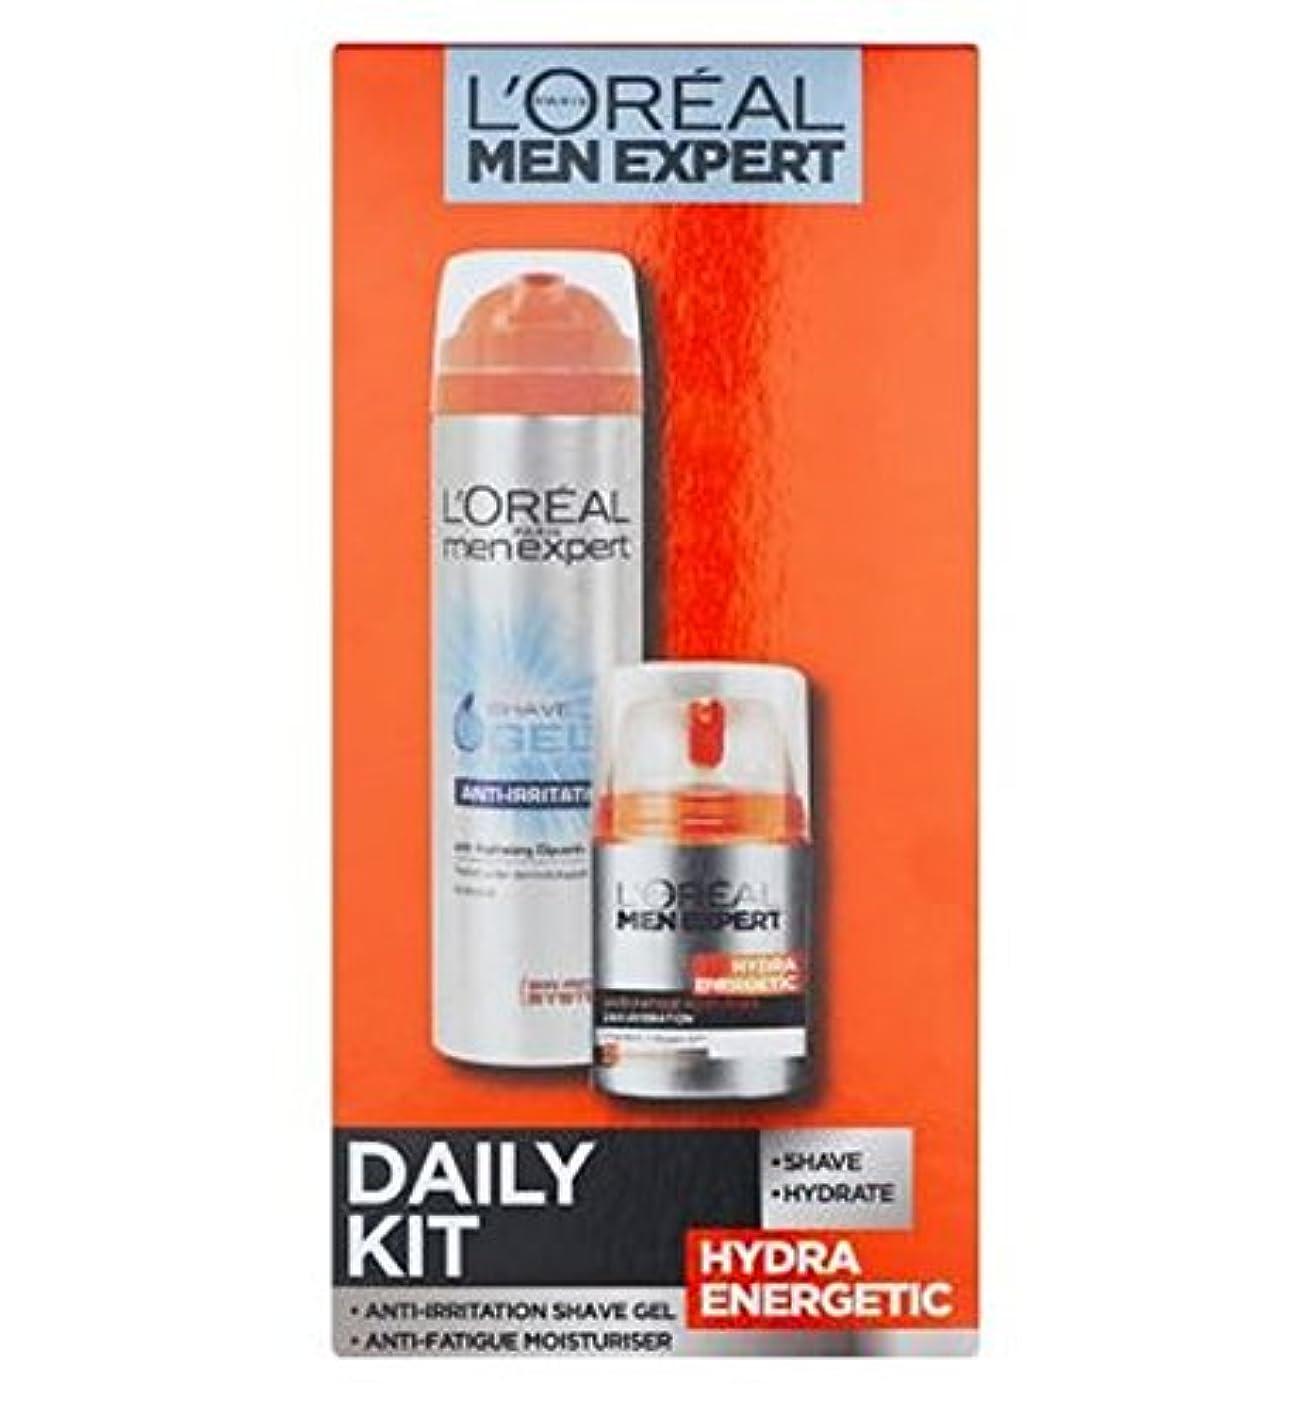 マウスピースうめきクリケットL'Oreal Men Expert Hydra Energetic Daily Skincare Kit - ロレアルの男性の専門家ヒドラエネルギッシュな毎日のスキンケアキット (L'Oreal) [並行輸入品]